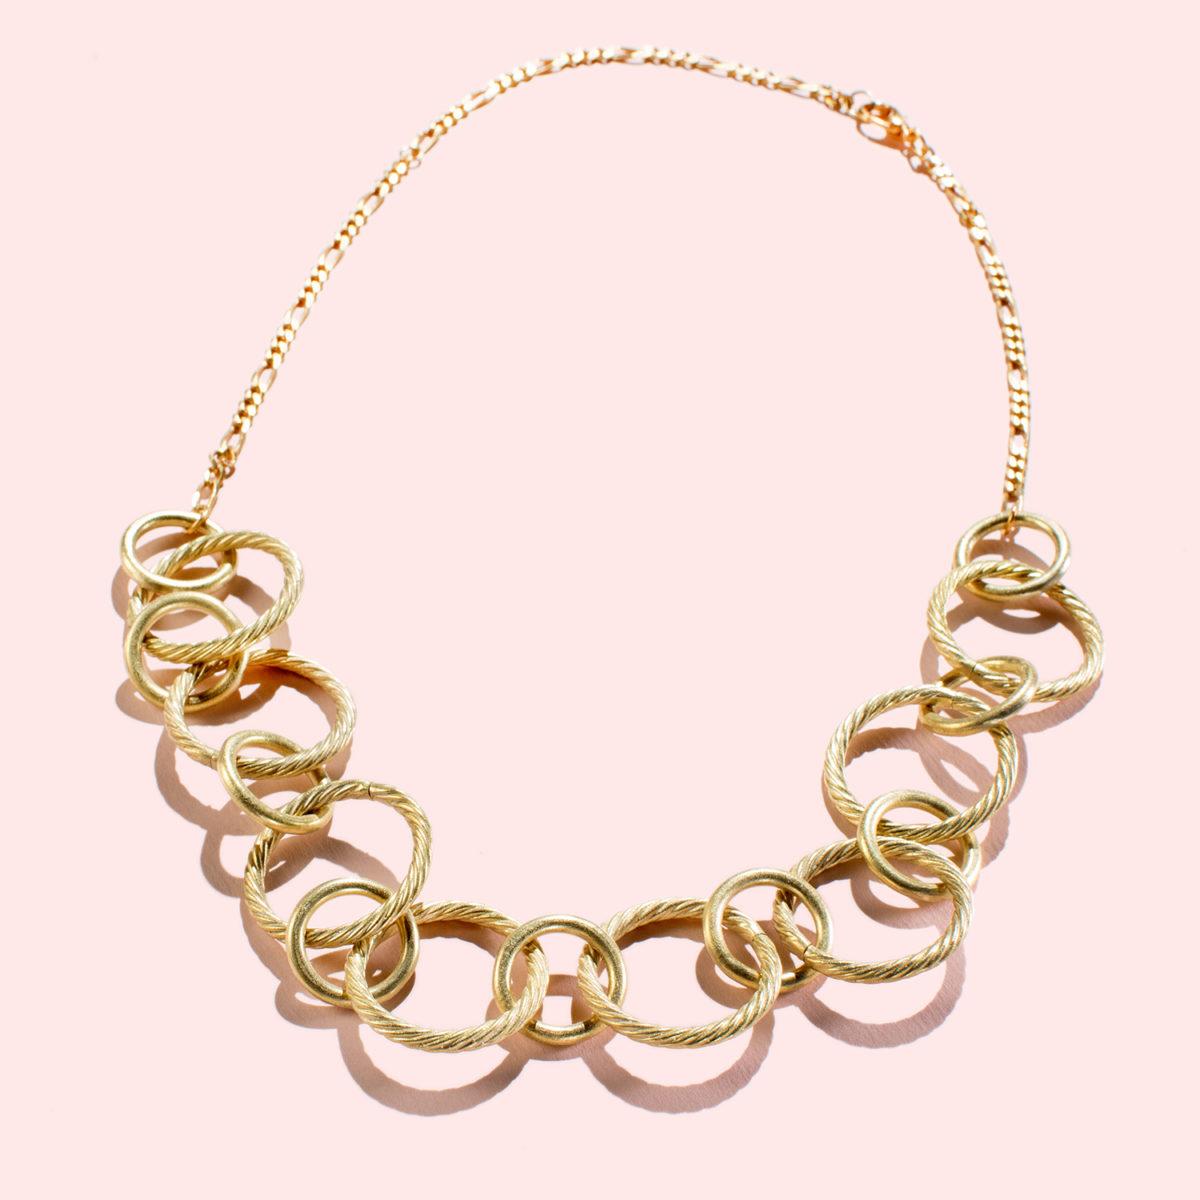 Vesperia-Halskette-Gold-Statement